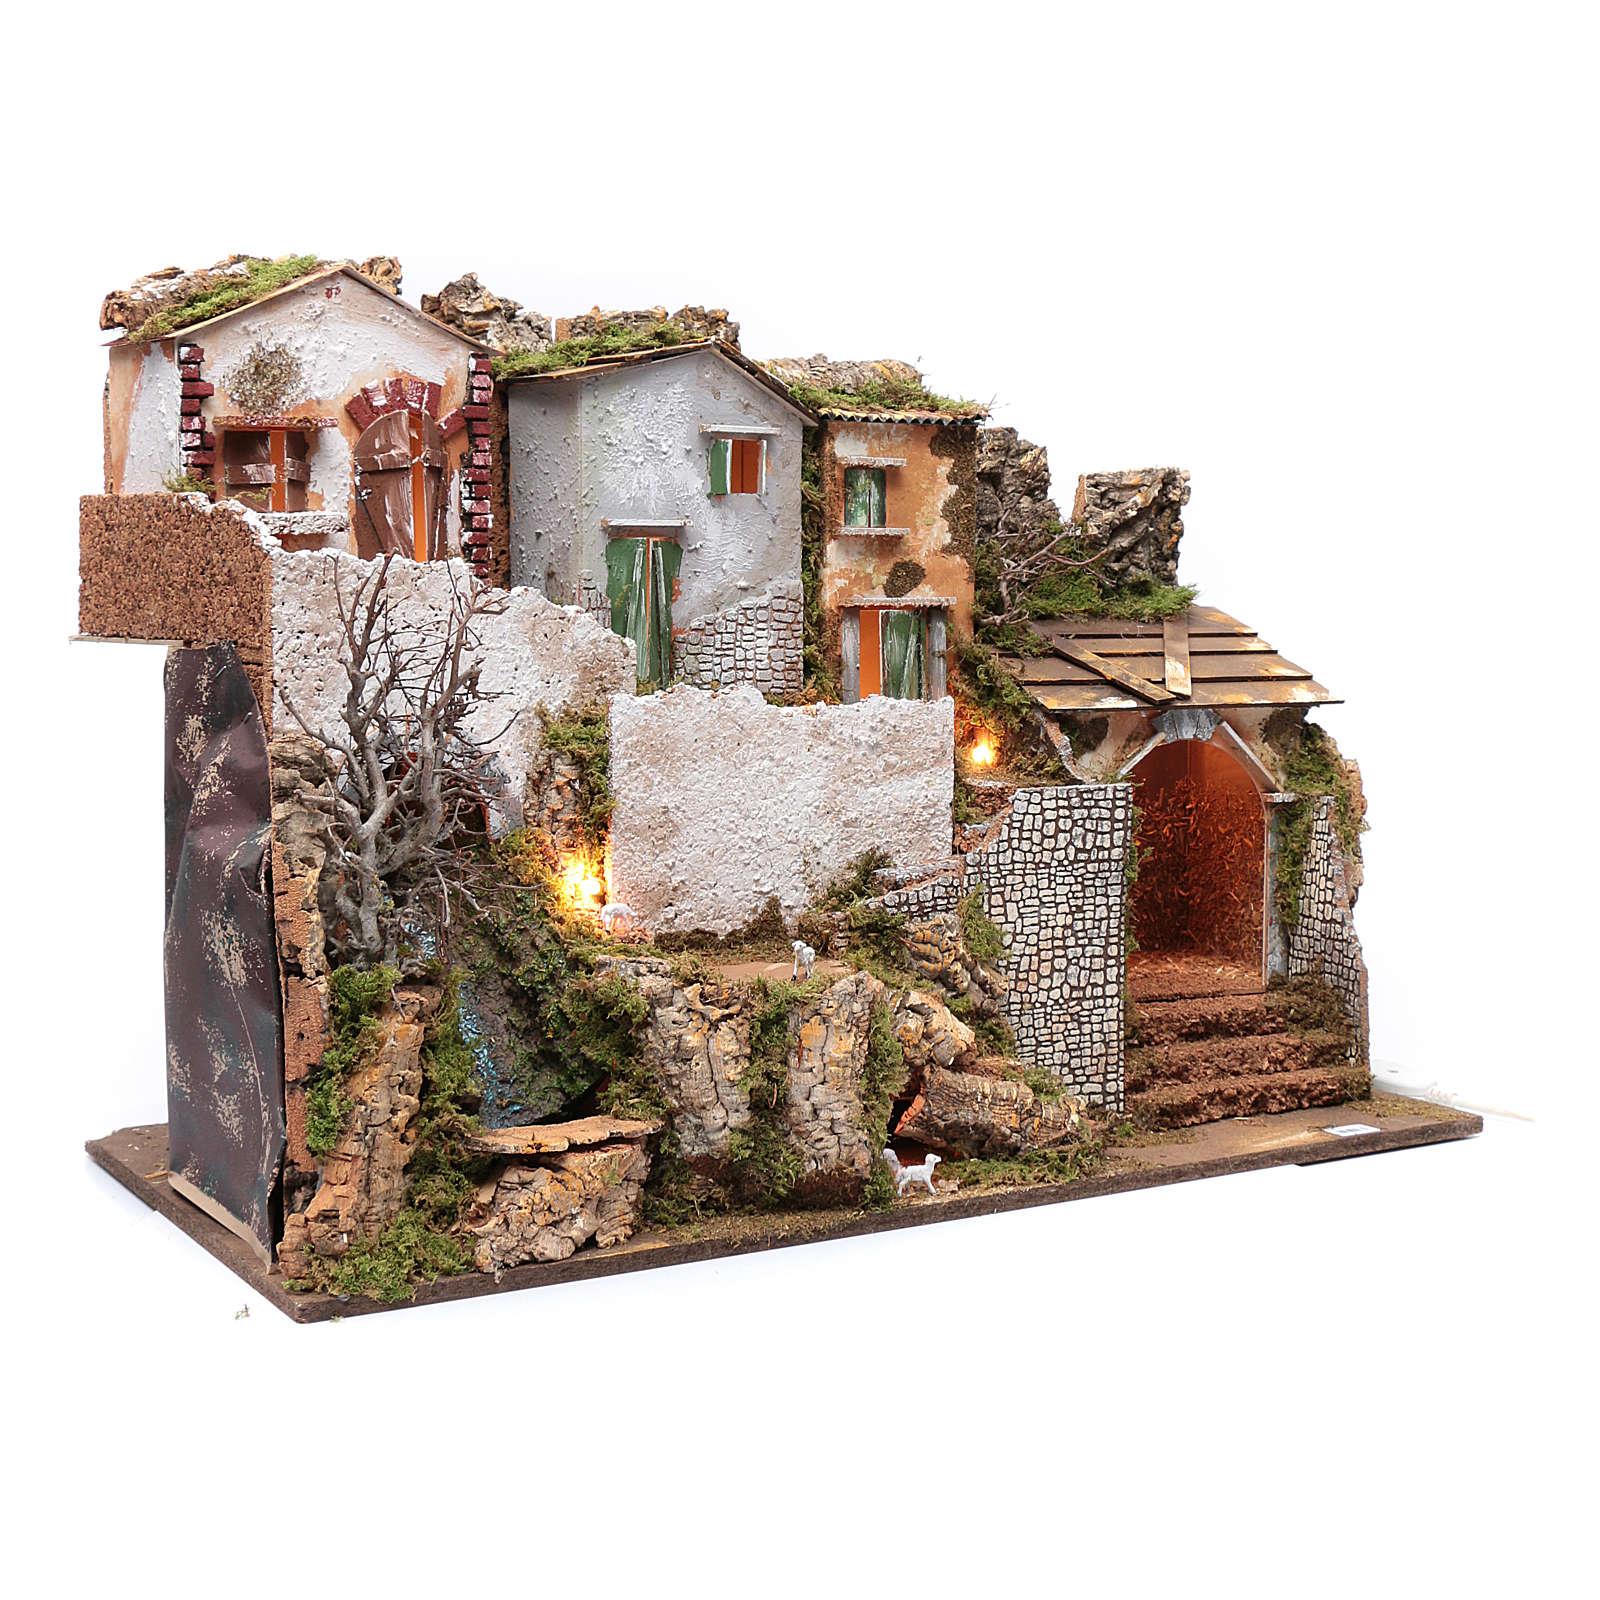 Ambientazione presepe con case 55x75x40 cm cascata e luci 4